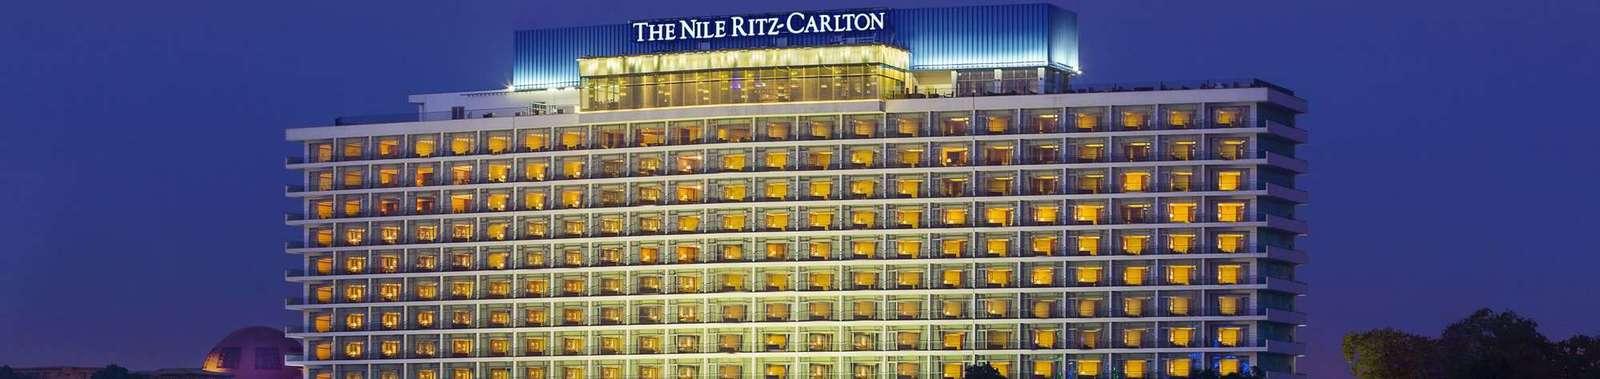 1NileRitzCarlton